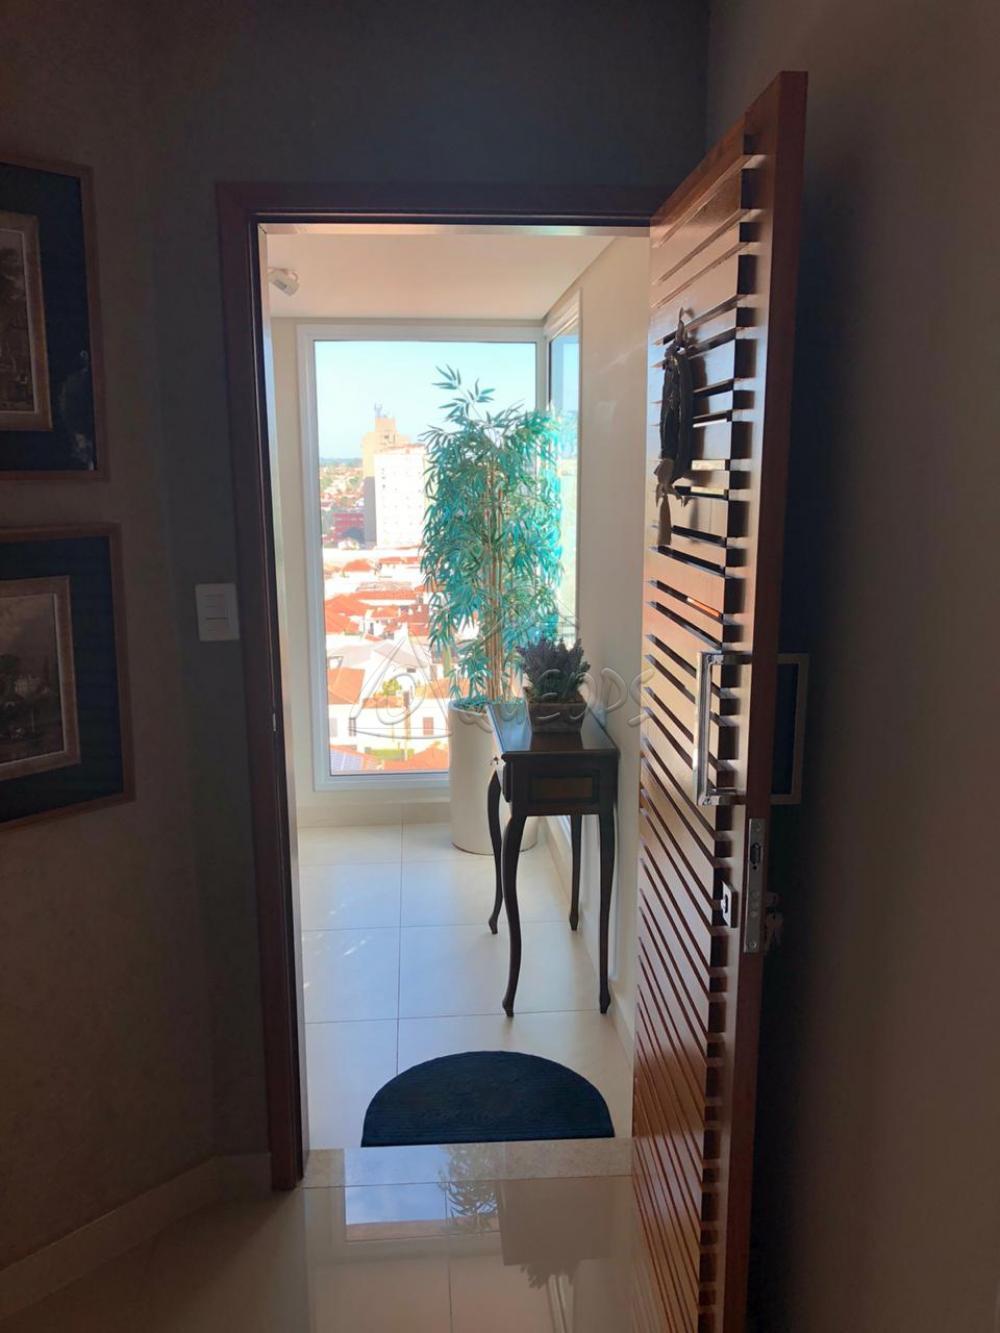 Comprar Apartamento / Padrão em Barretos apenas R$ 700.000,00 - Foto 8